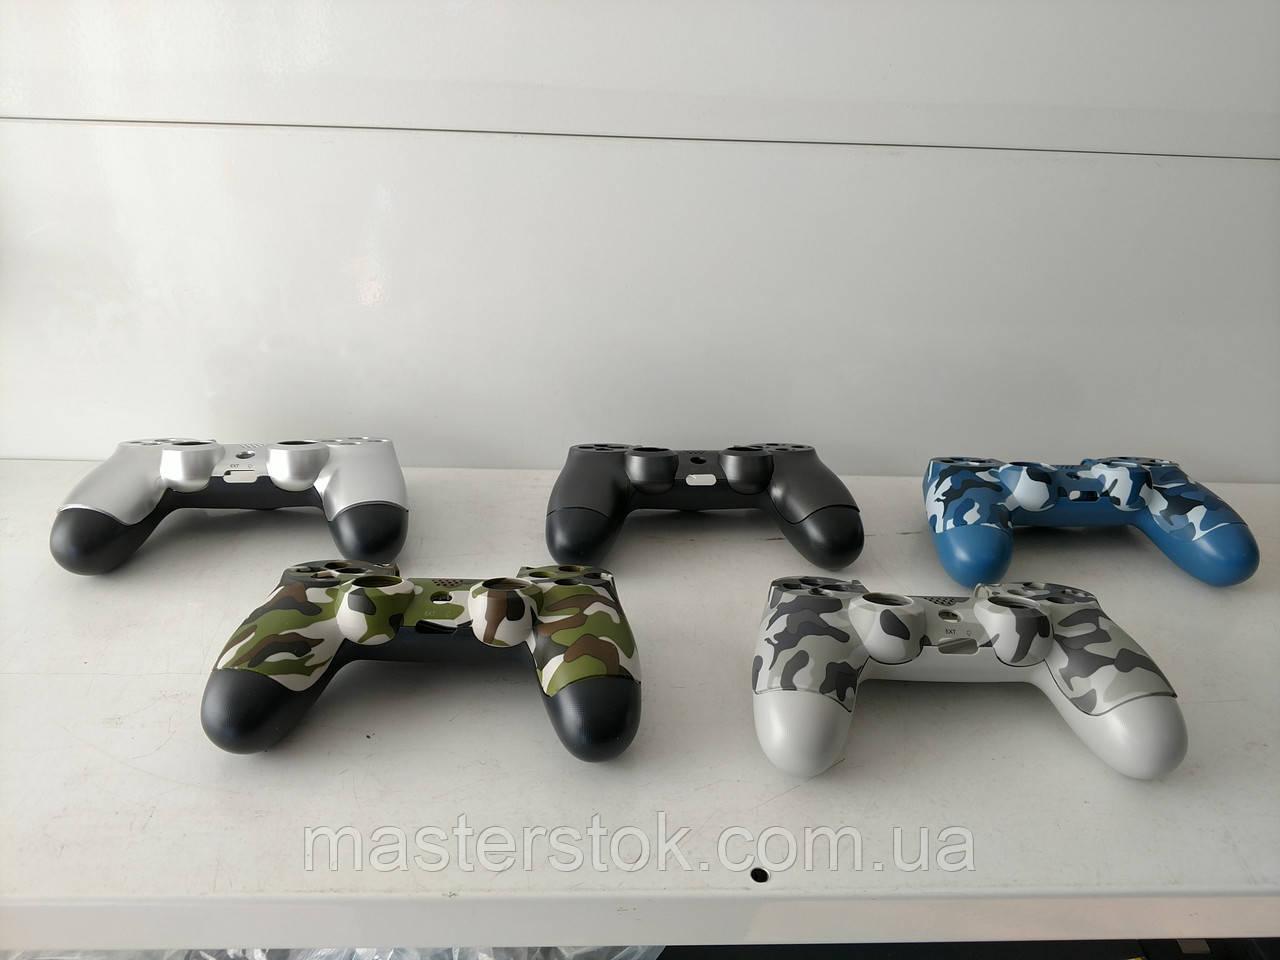 Новые корпуса для джойстиков Playstation 4 ( Pro/Slim JDM 040, JDS-040